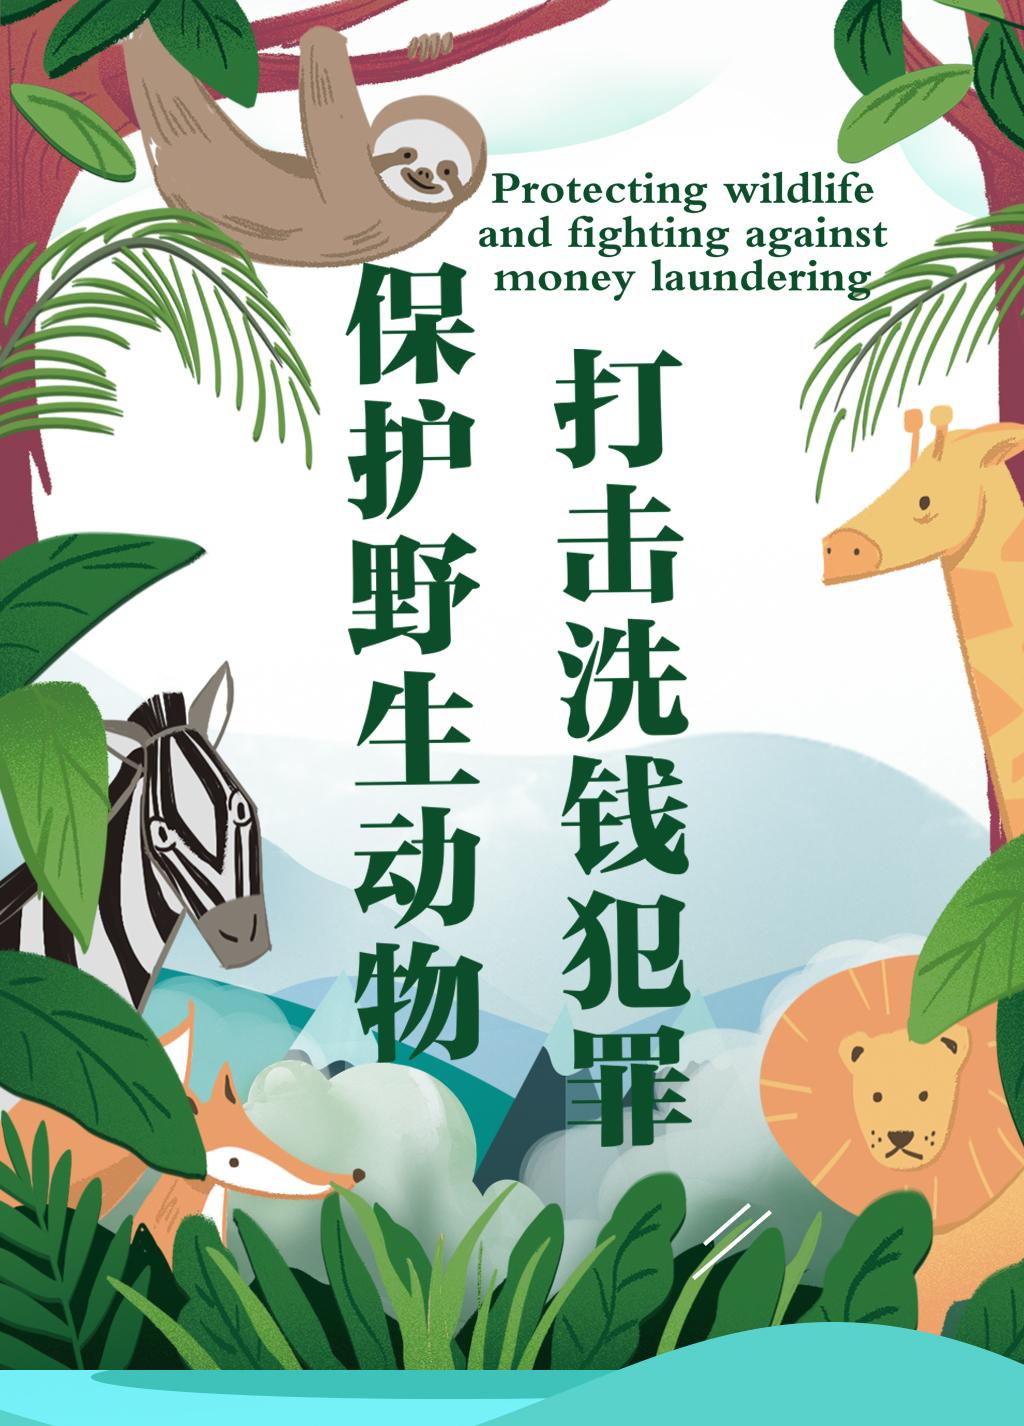 反洗钱小课堂|保护野生动物,打击洗钱犯罪